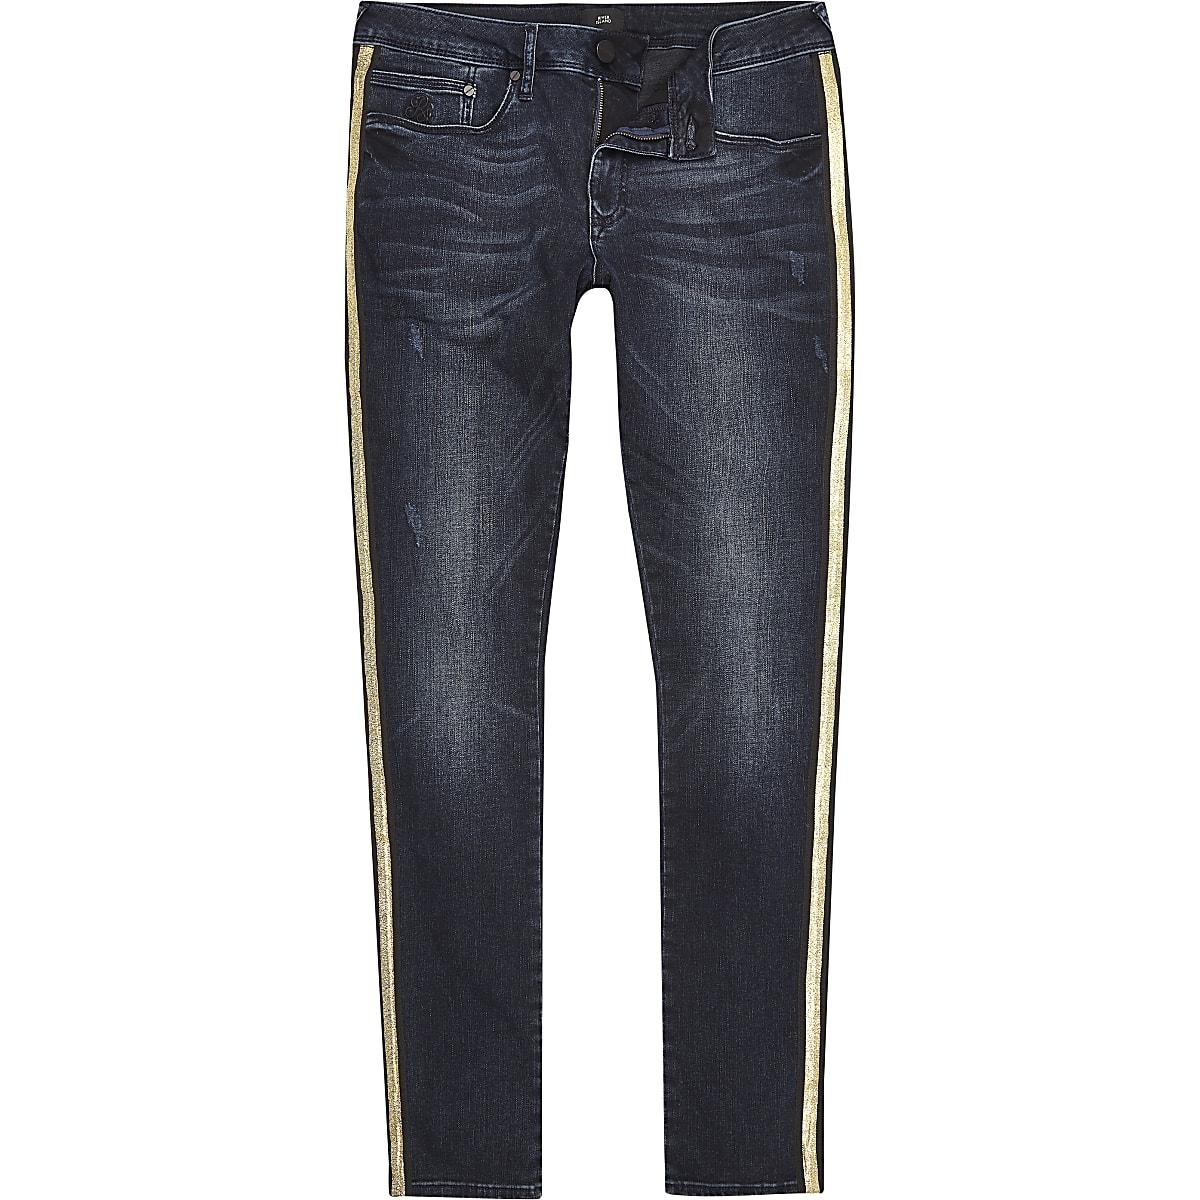 Dark blue gold tape side super skinny jeans